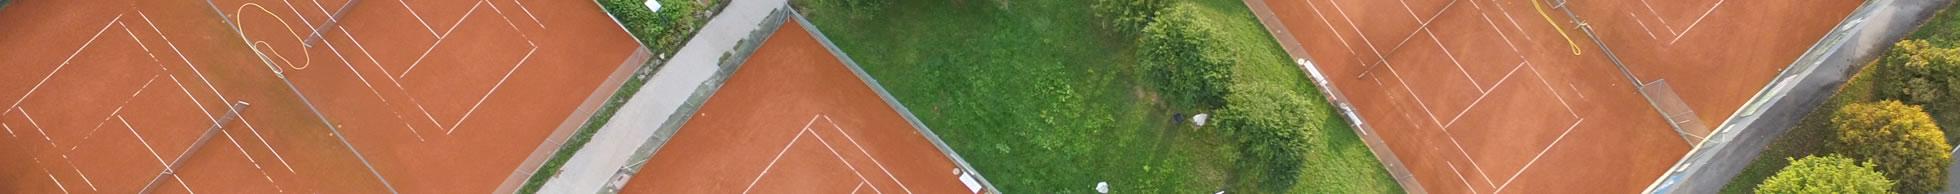 Tennisplatz Luftbild